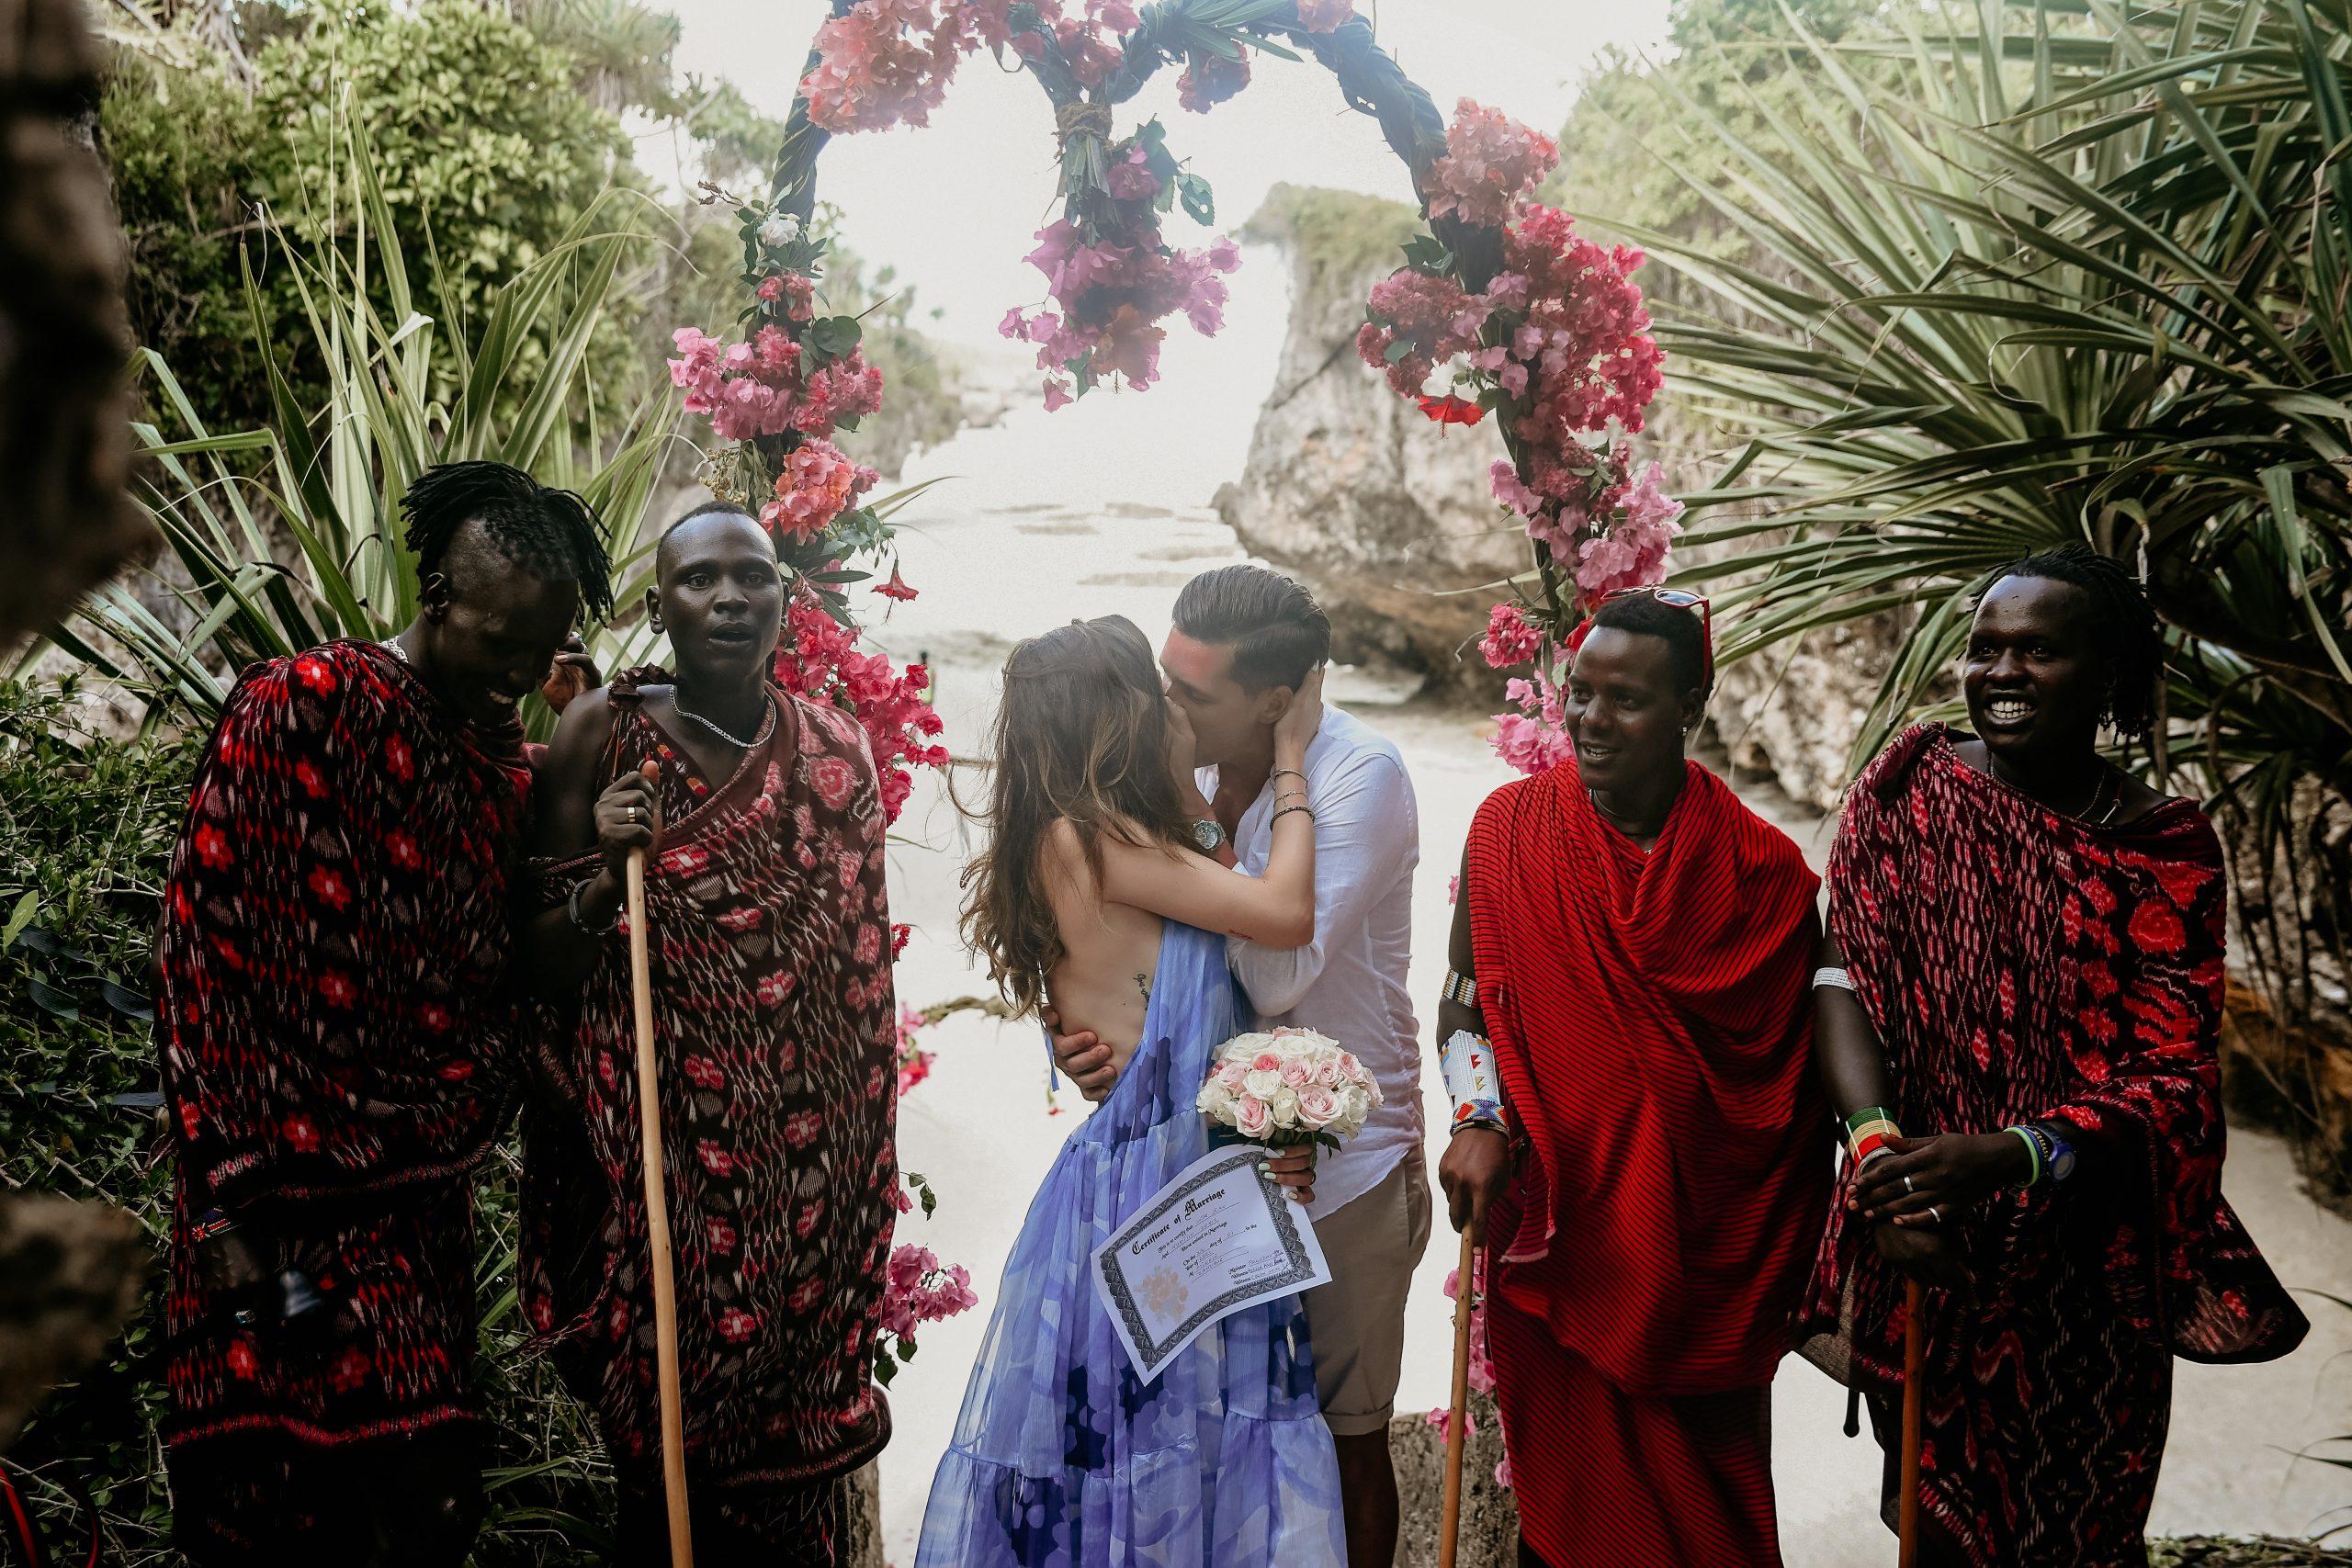 Fotografie de cuplu, Nunta pe Plaja, Nunta cu Masai, Fotografie de nunta in Zanzibar, Sedință foto pe plajă in Zanzibar, Fotografie Travel,